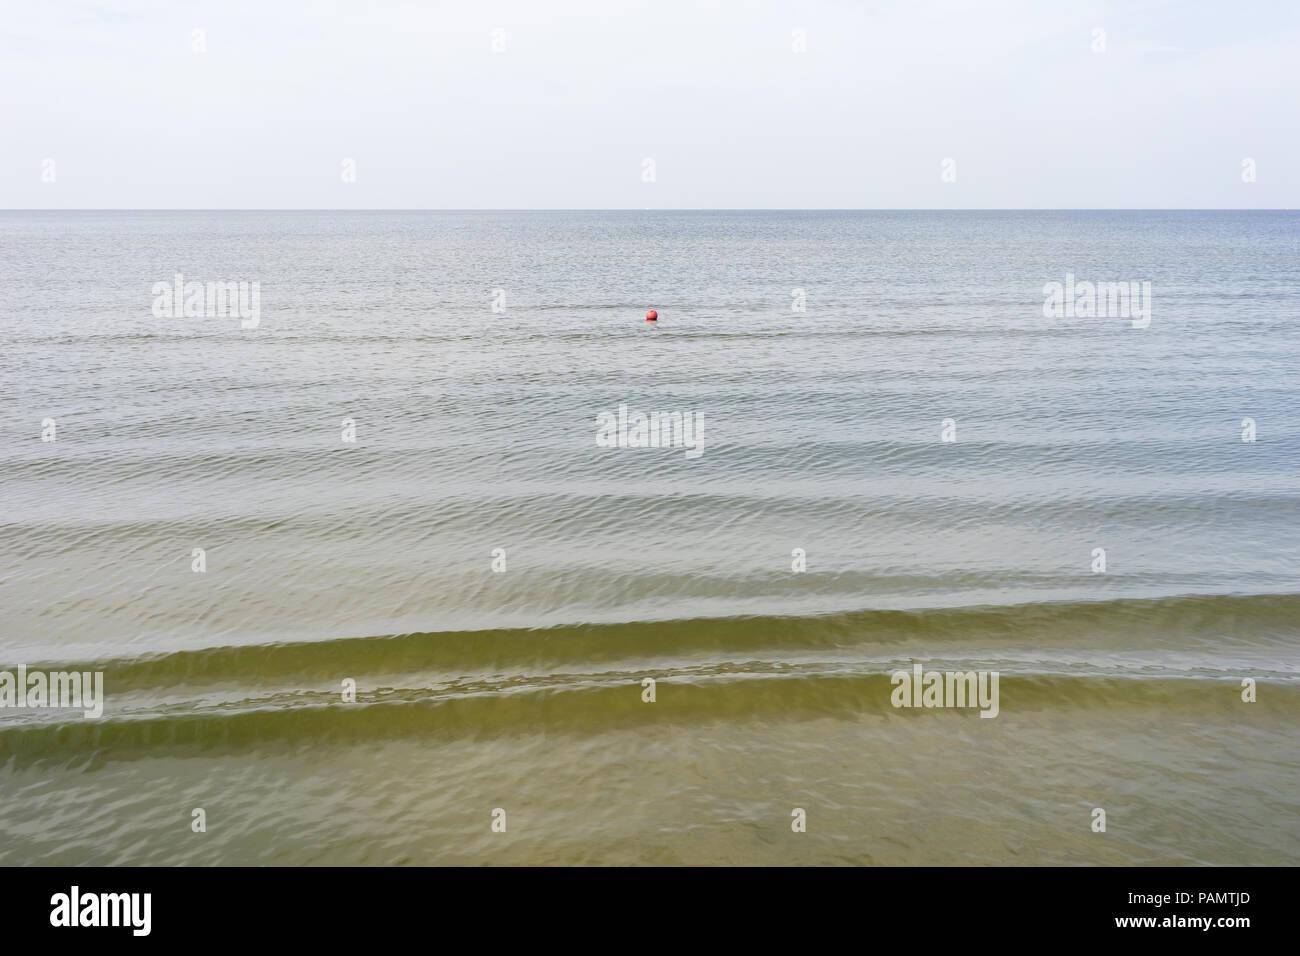 La boya roja flotando en el mar en calma clima con una sola ola sobre un fondo de cielo sin nubes Imagen De Stock